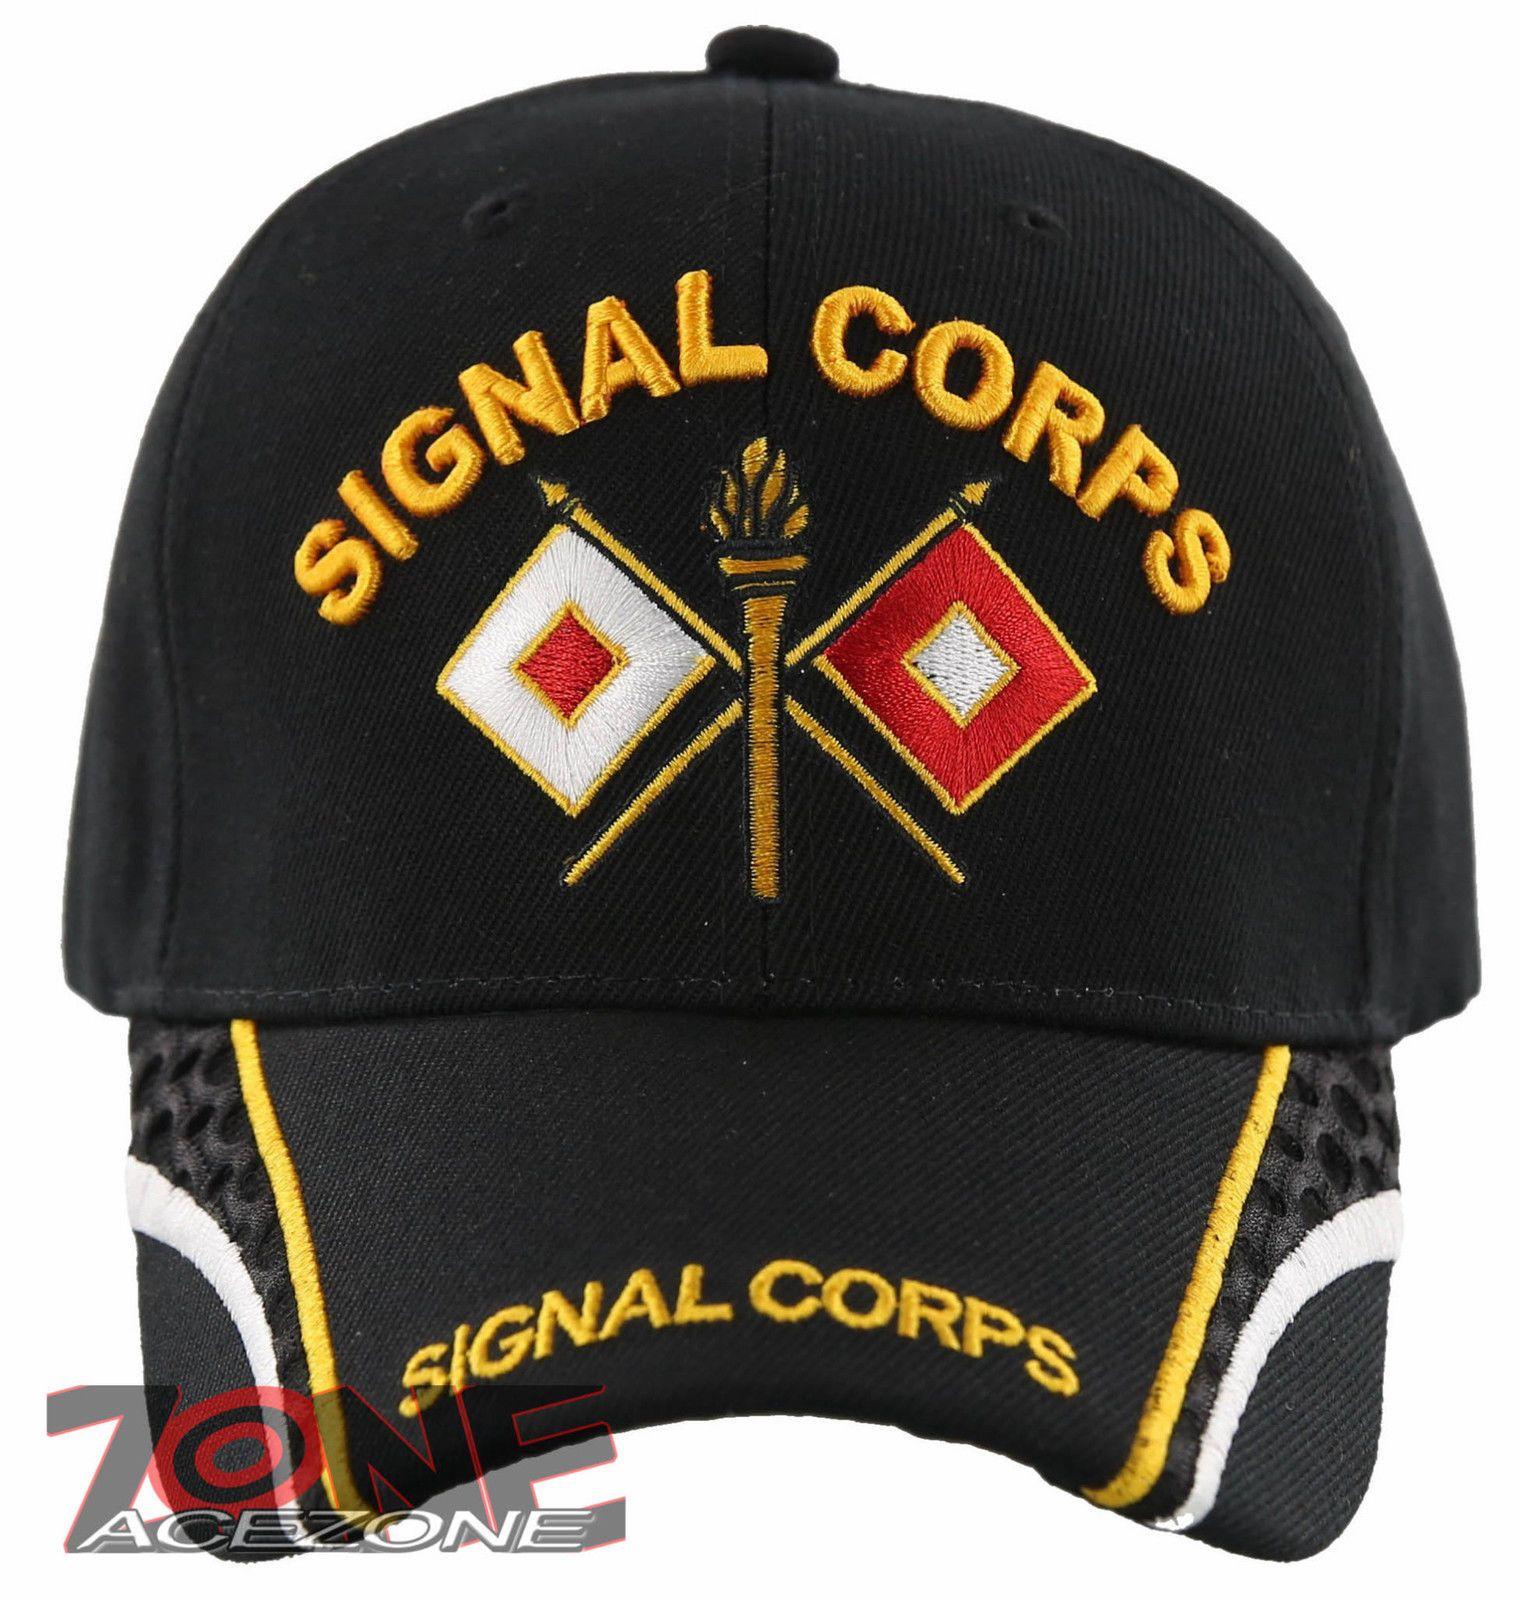 USAF US AIR FORCE VINTAGE LOOK MESH BACK Adjustable Officially Licensed Baseball Cap Hat